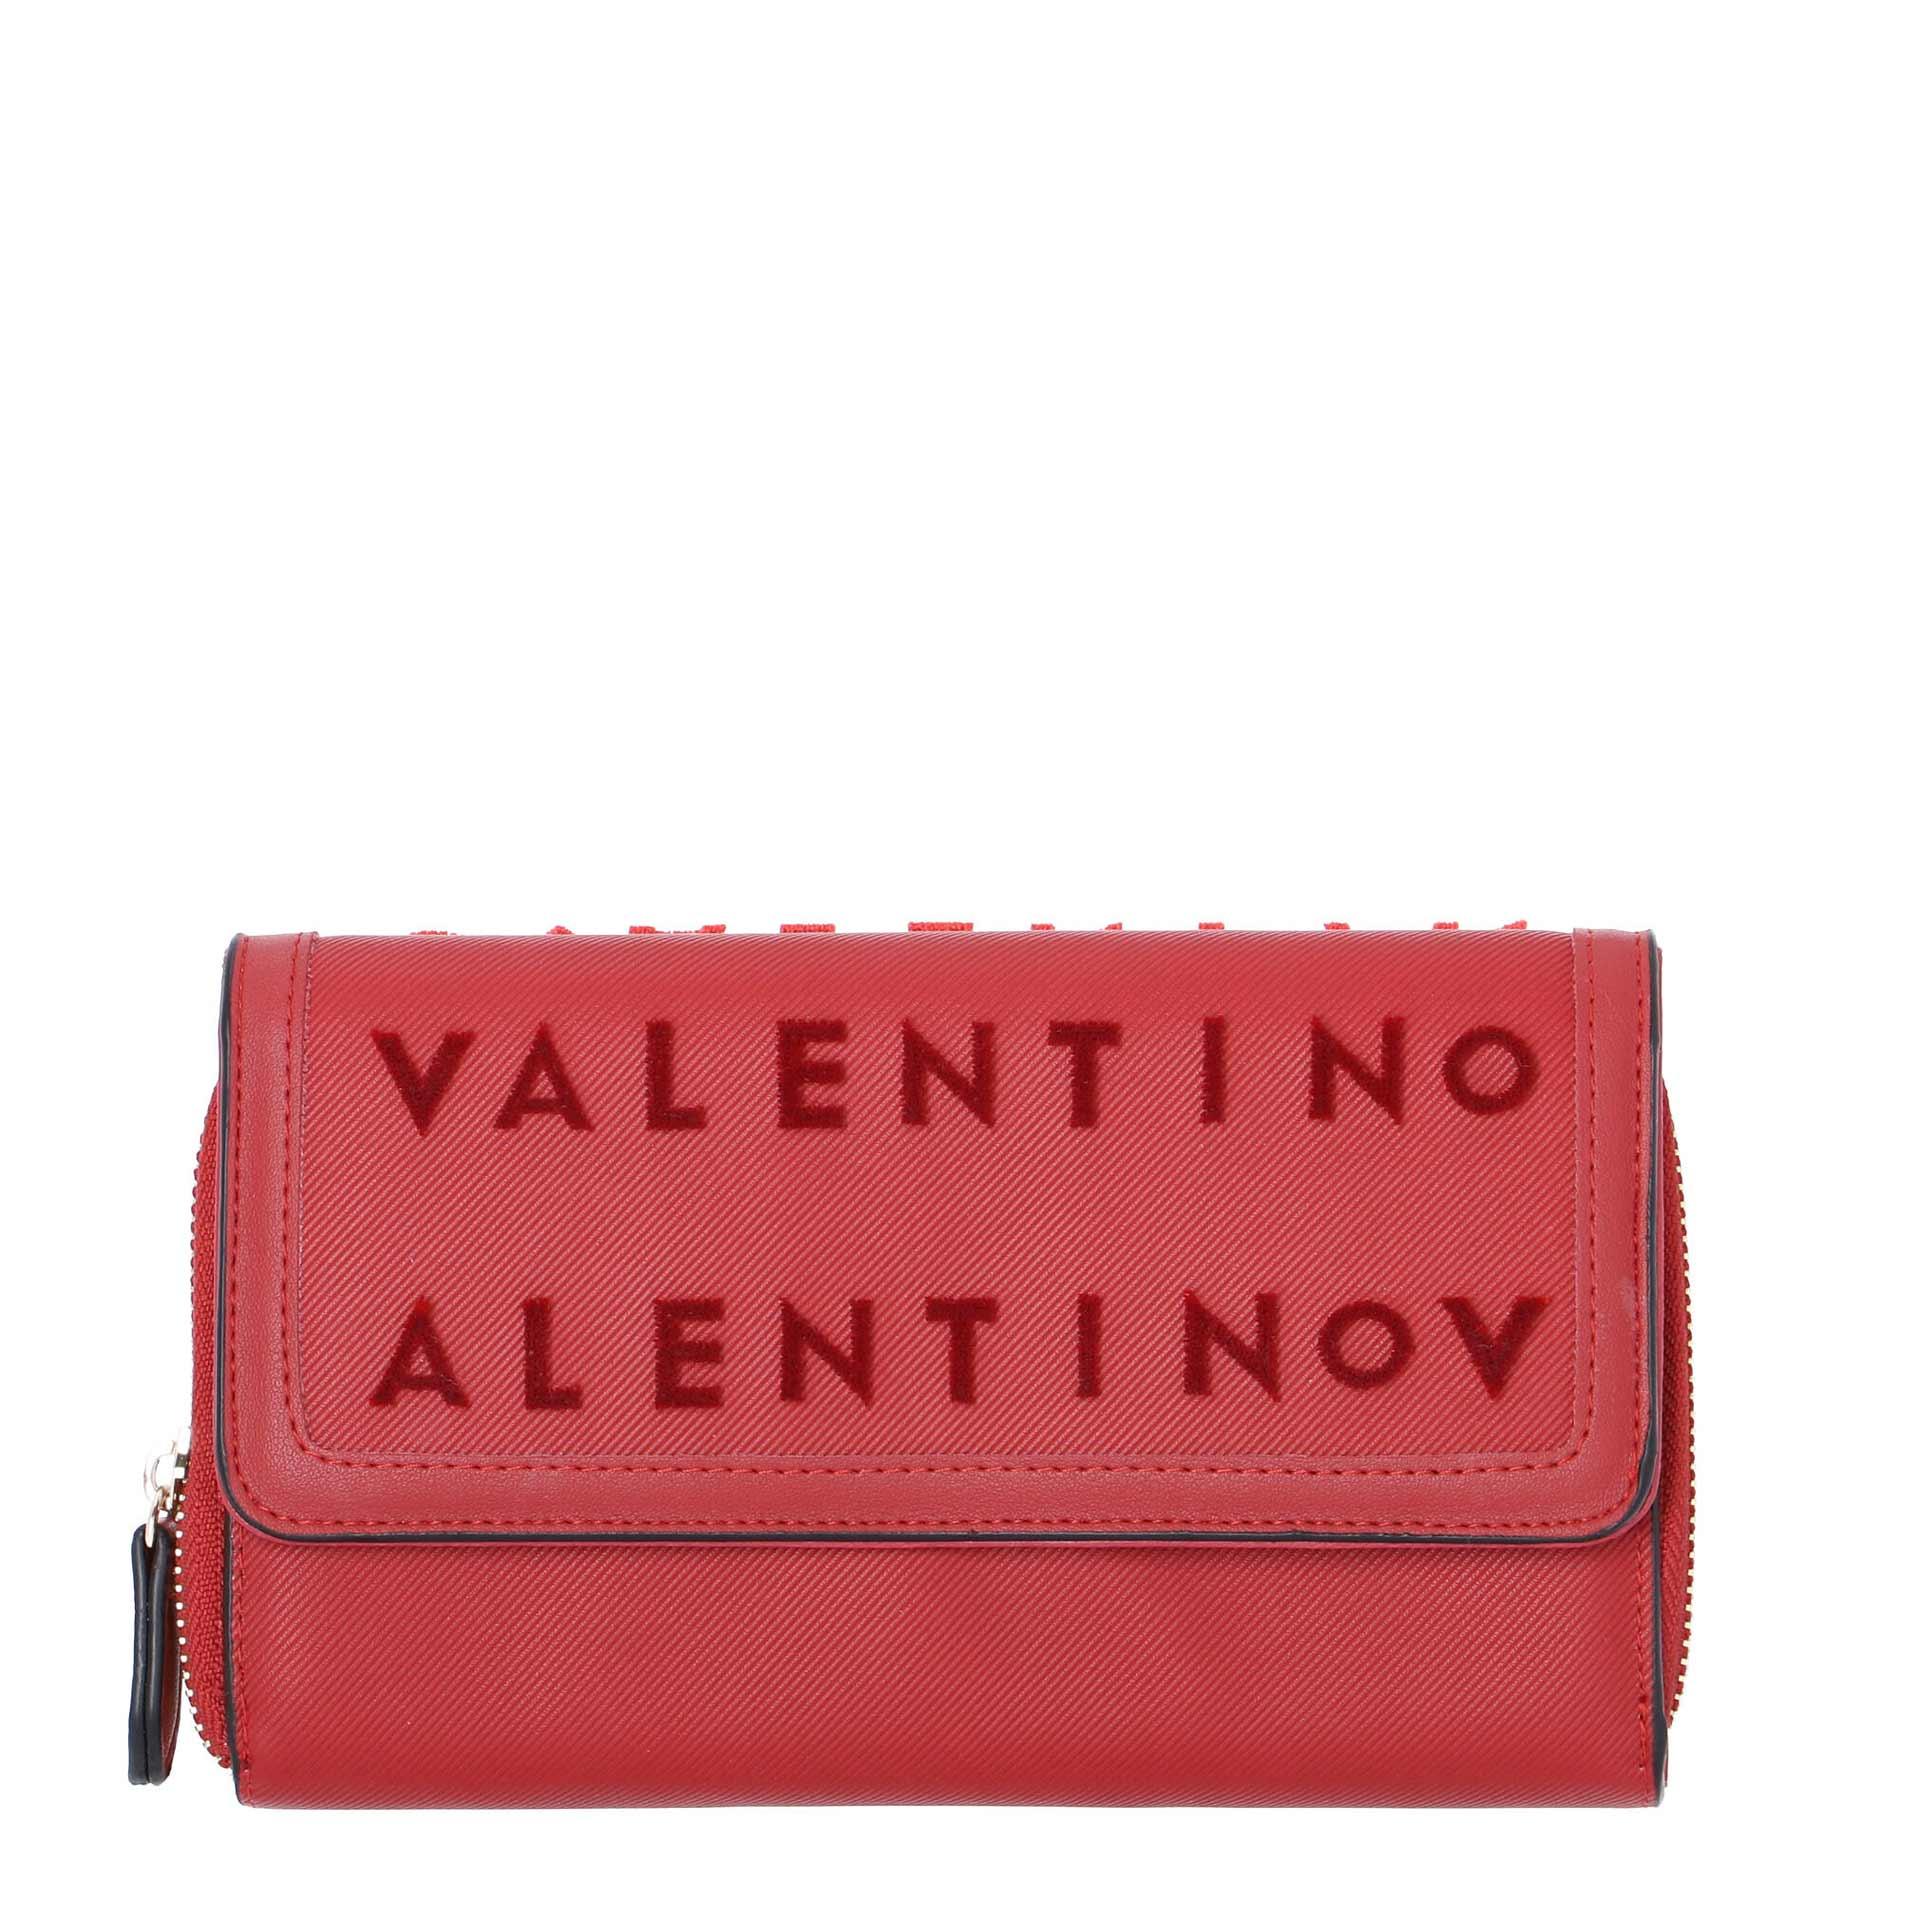 Valentino by Mario Valentino Conccorde Umhängetasche